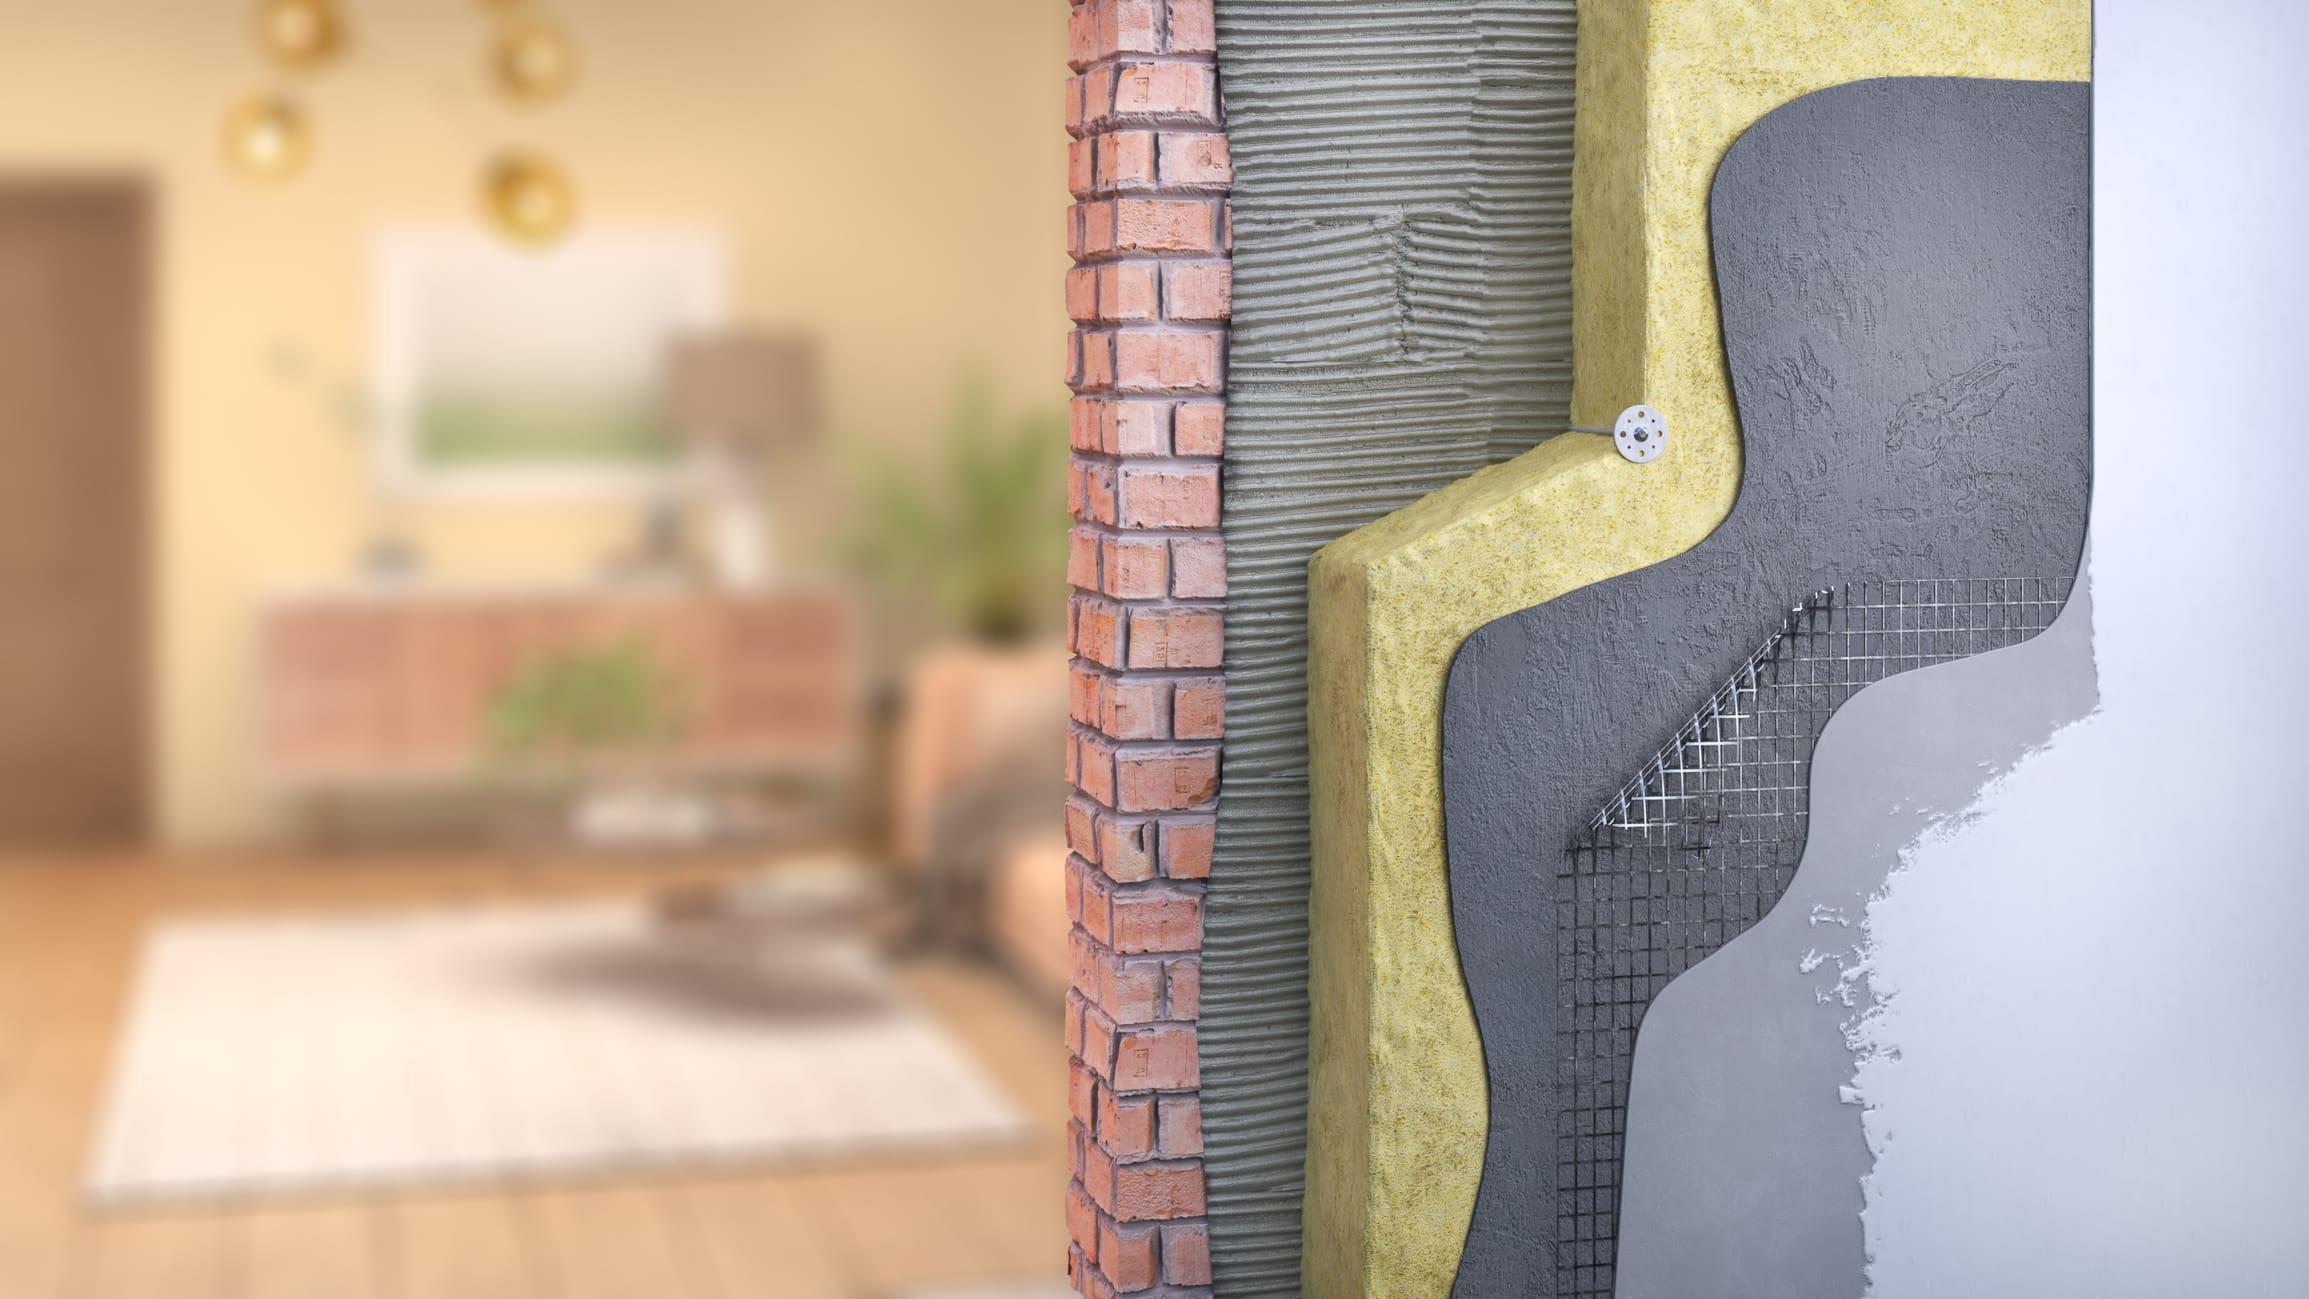 Un homme posant des plaques d'isolations thermiques à l'exterieur